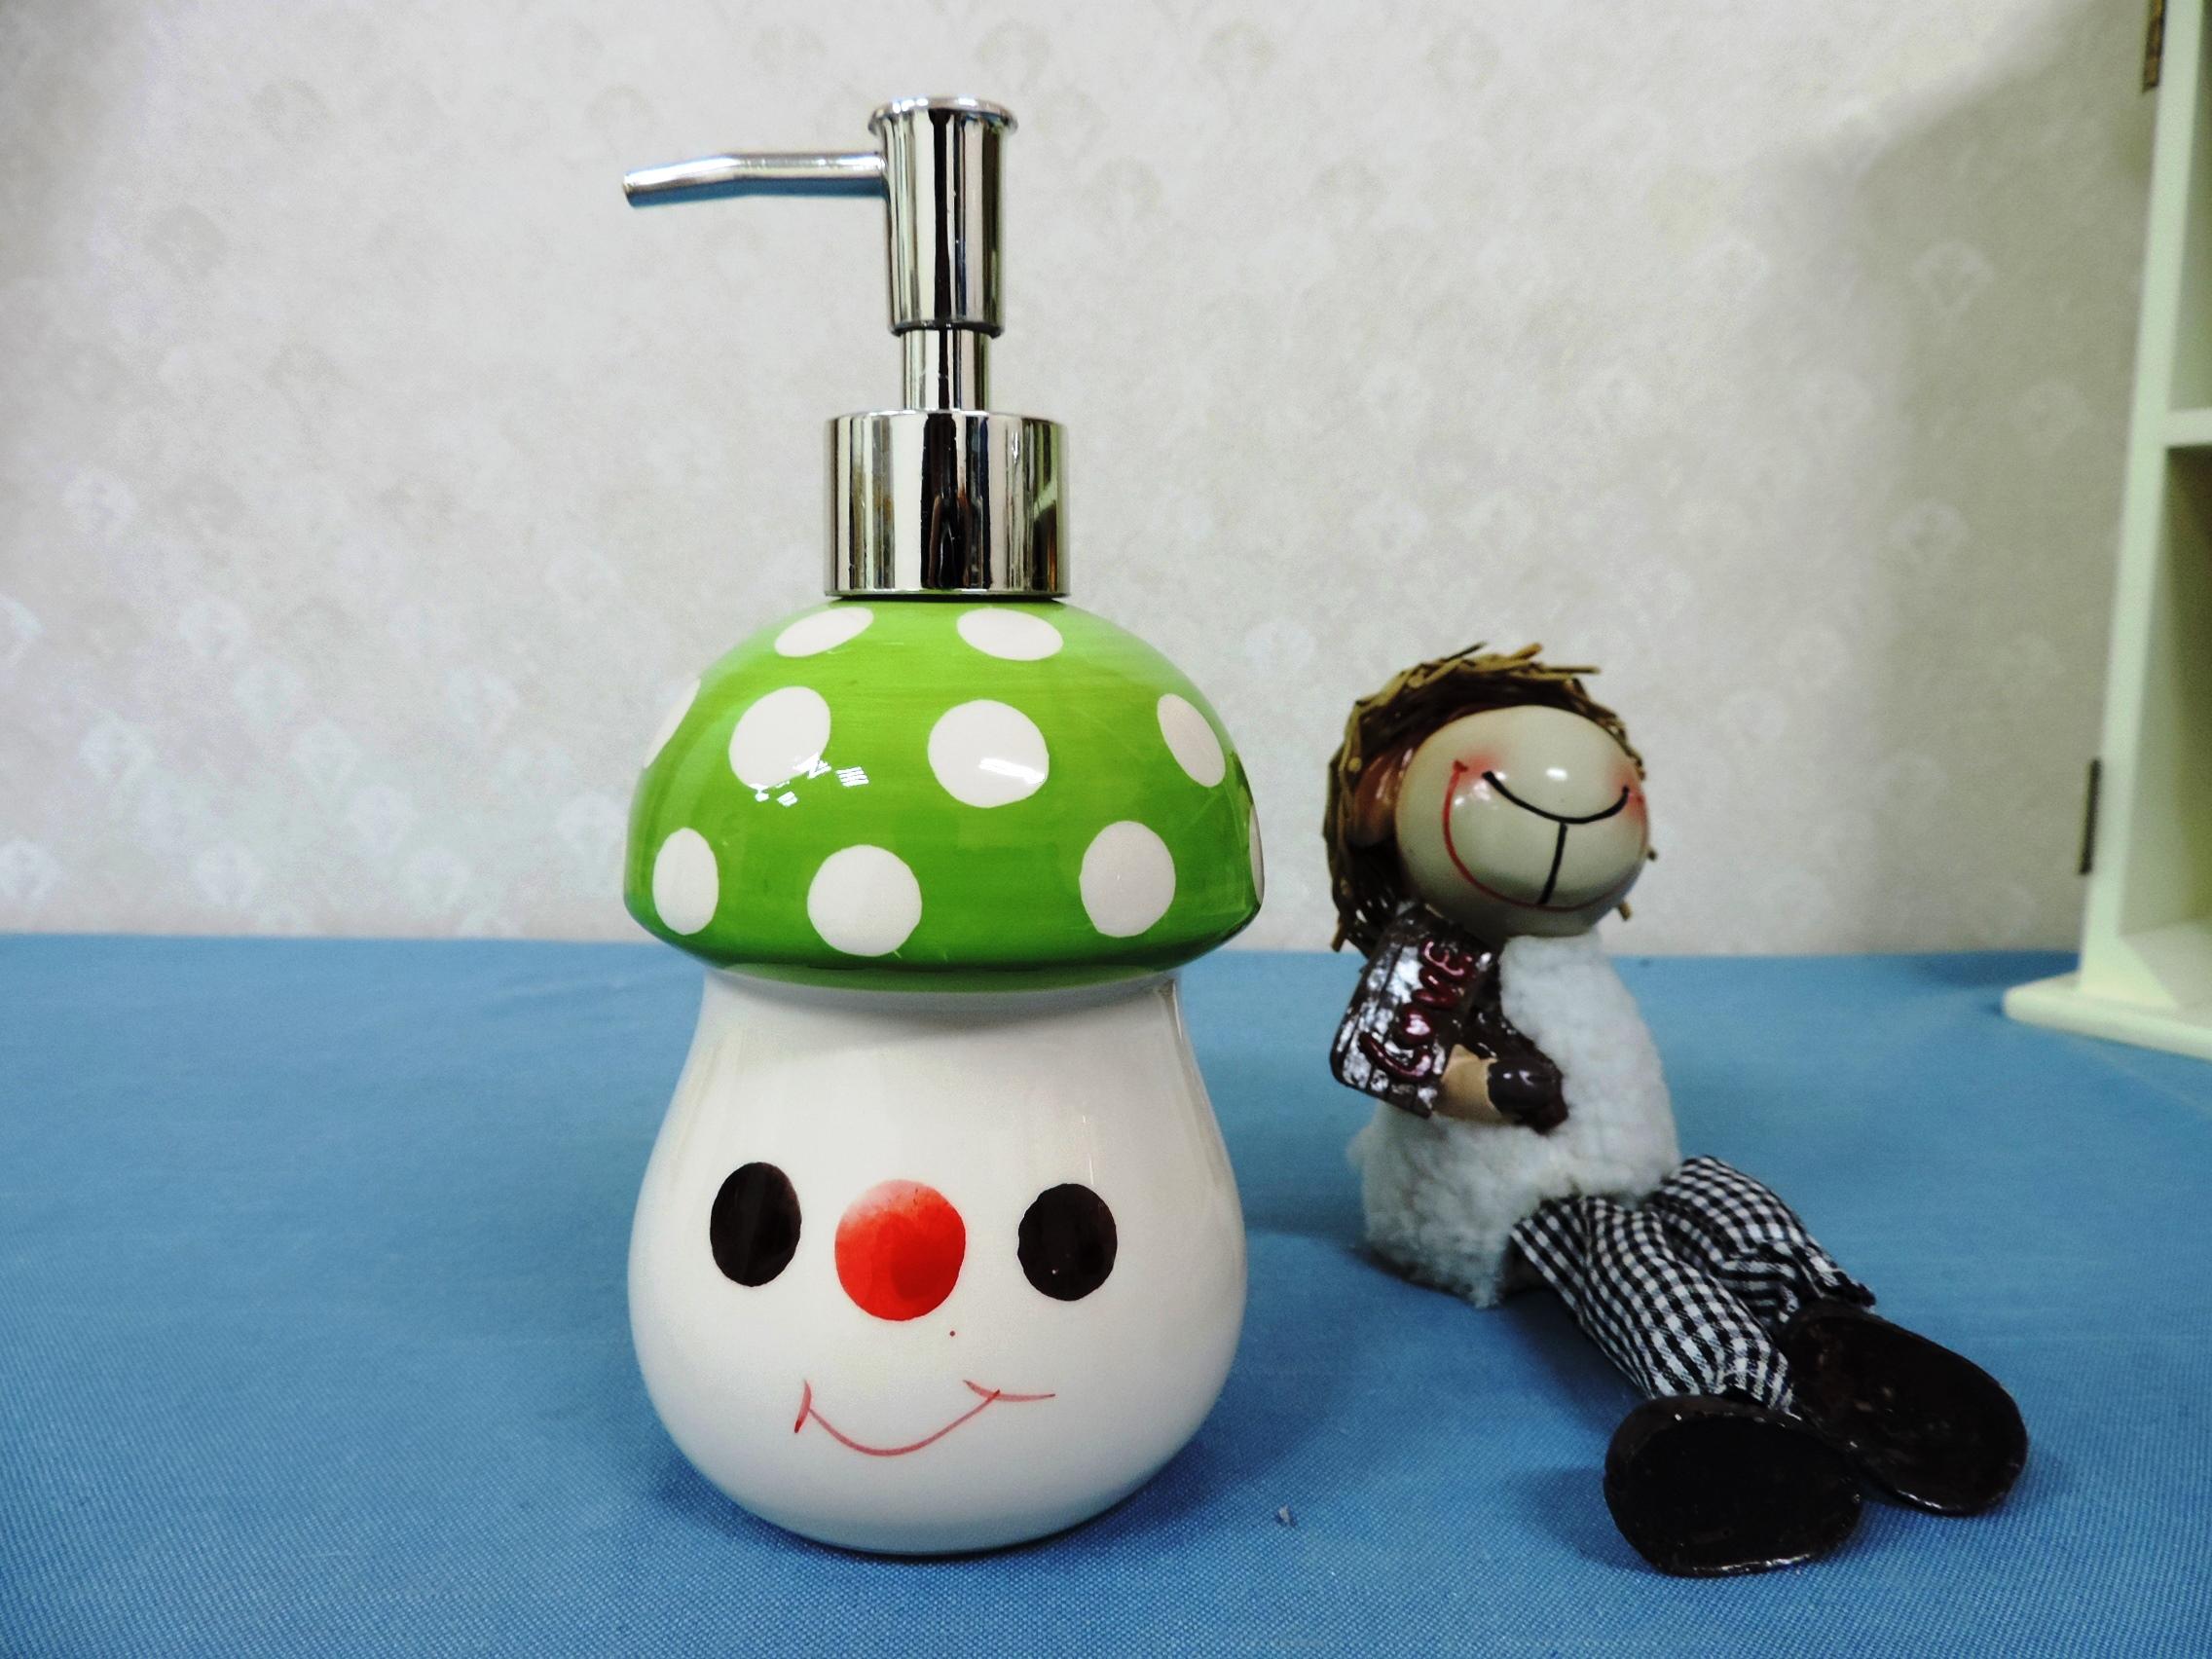 ↙特價 ↘ 《綠色》可愛蘑菇造型乳液罐 洗手液罐 沐浴瓶 洗髮乳 填充罐 洗碗精罐◤彩虹森林◥